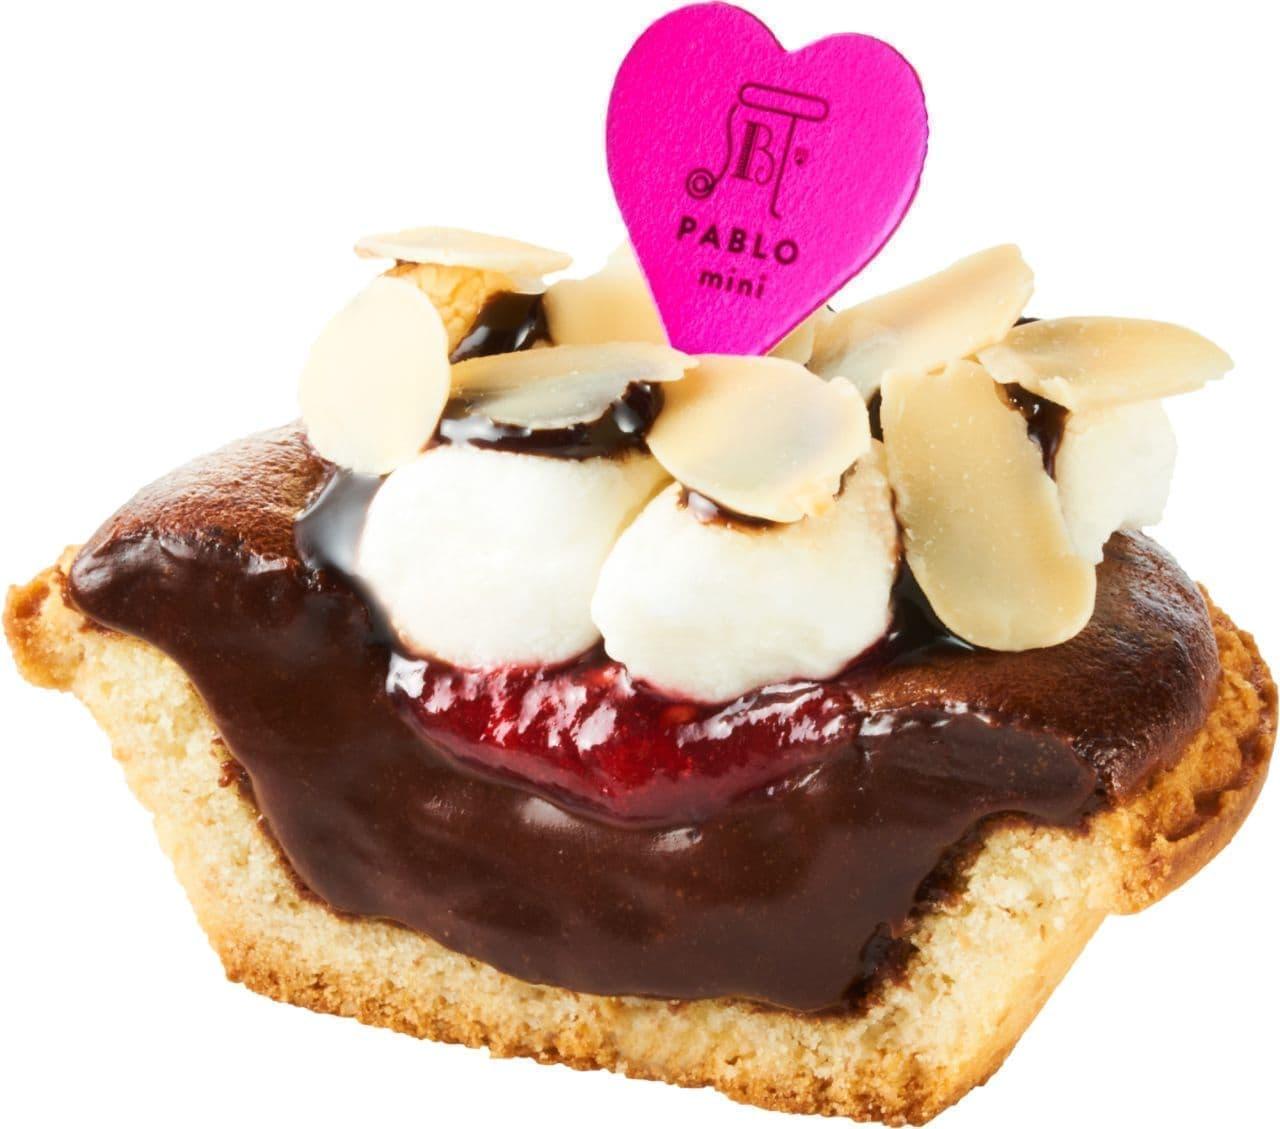 パブロミニ「焼きマシュマロ チョコレート」期間限定で